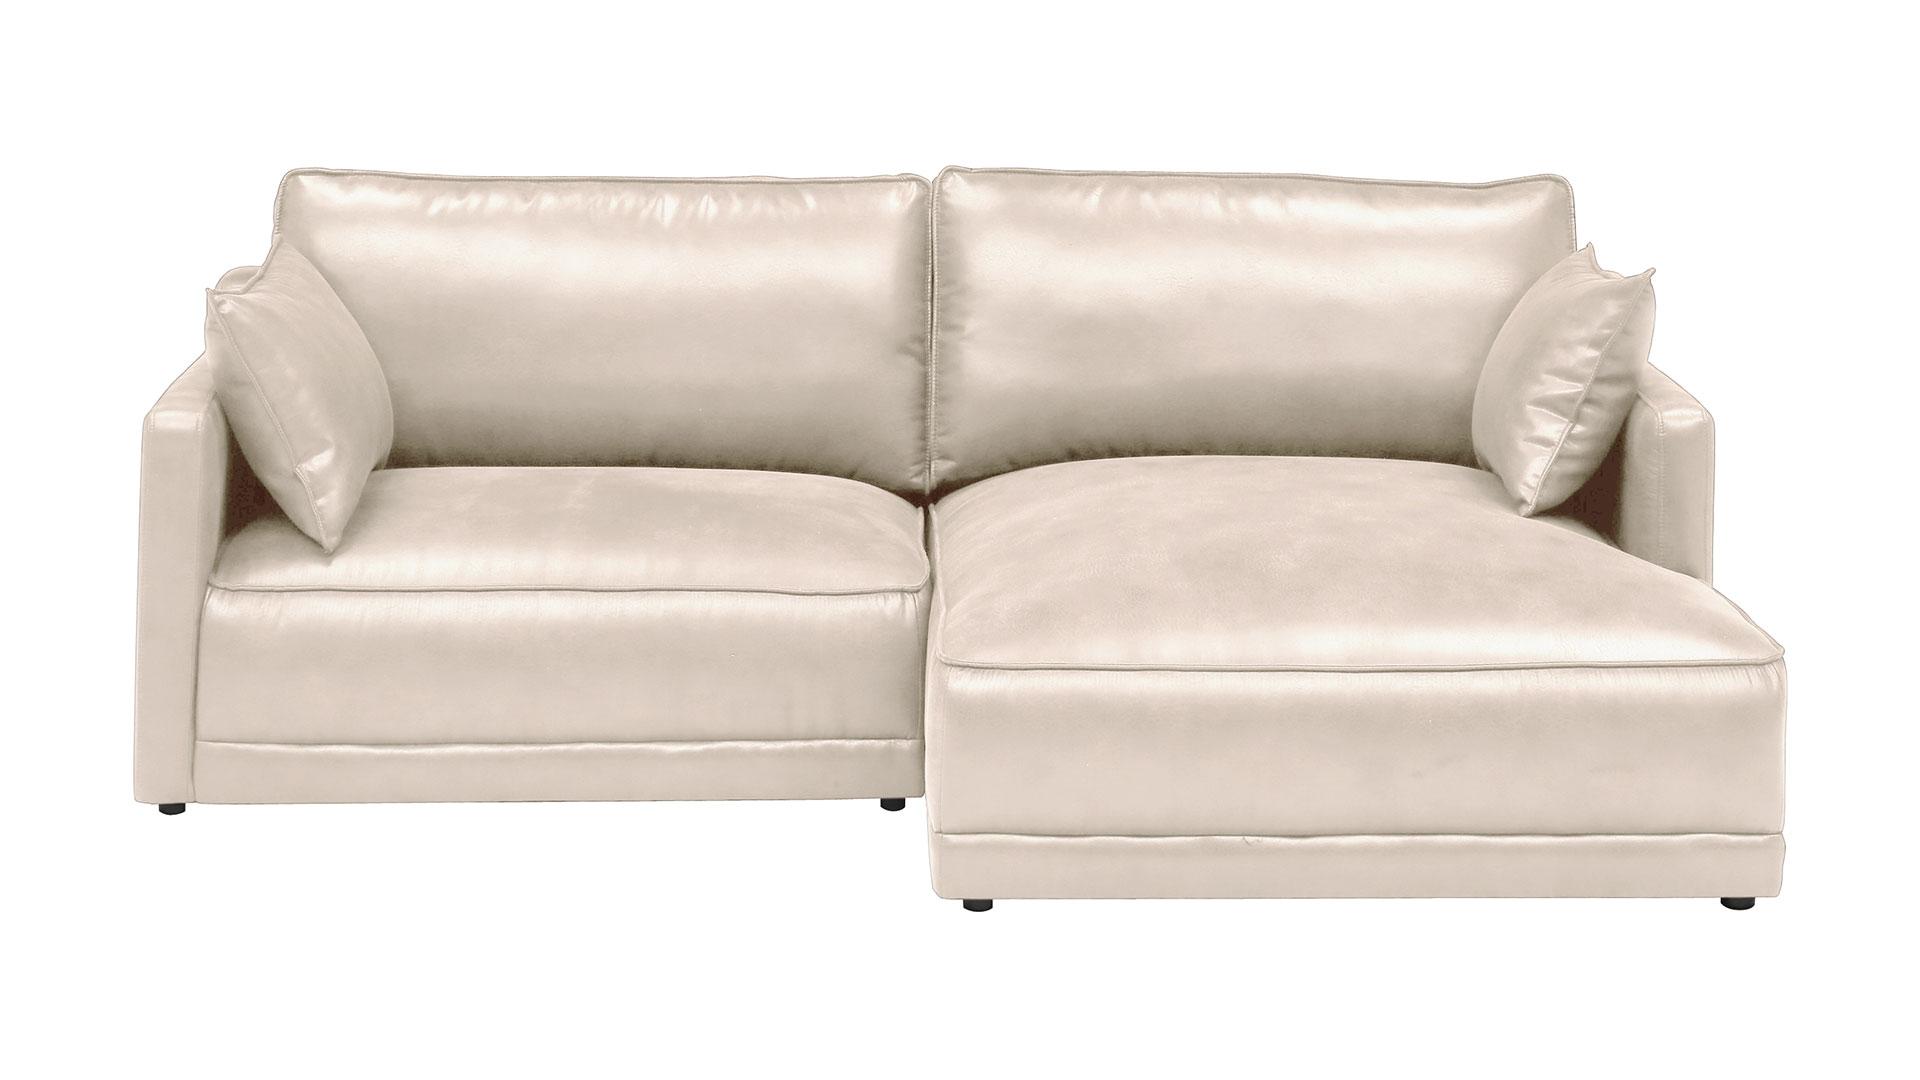 リビンズのレザーテックスを使用した横幅230㎝のL字型のソファのアイボリー色の画像